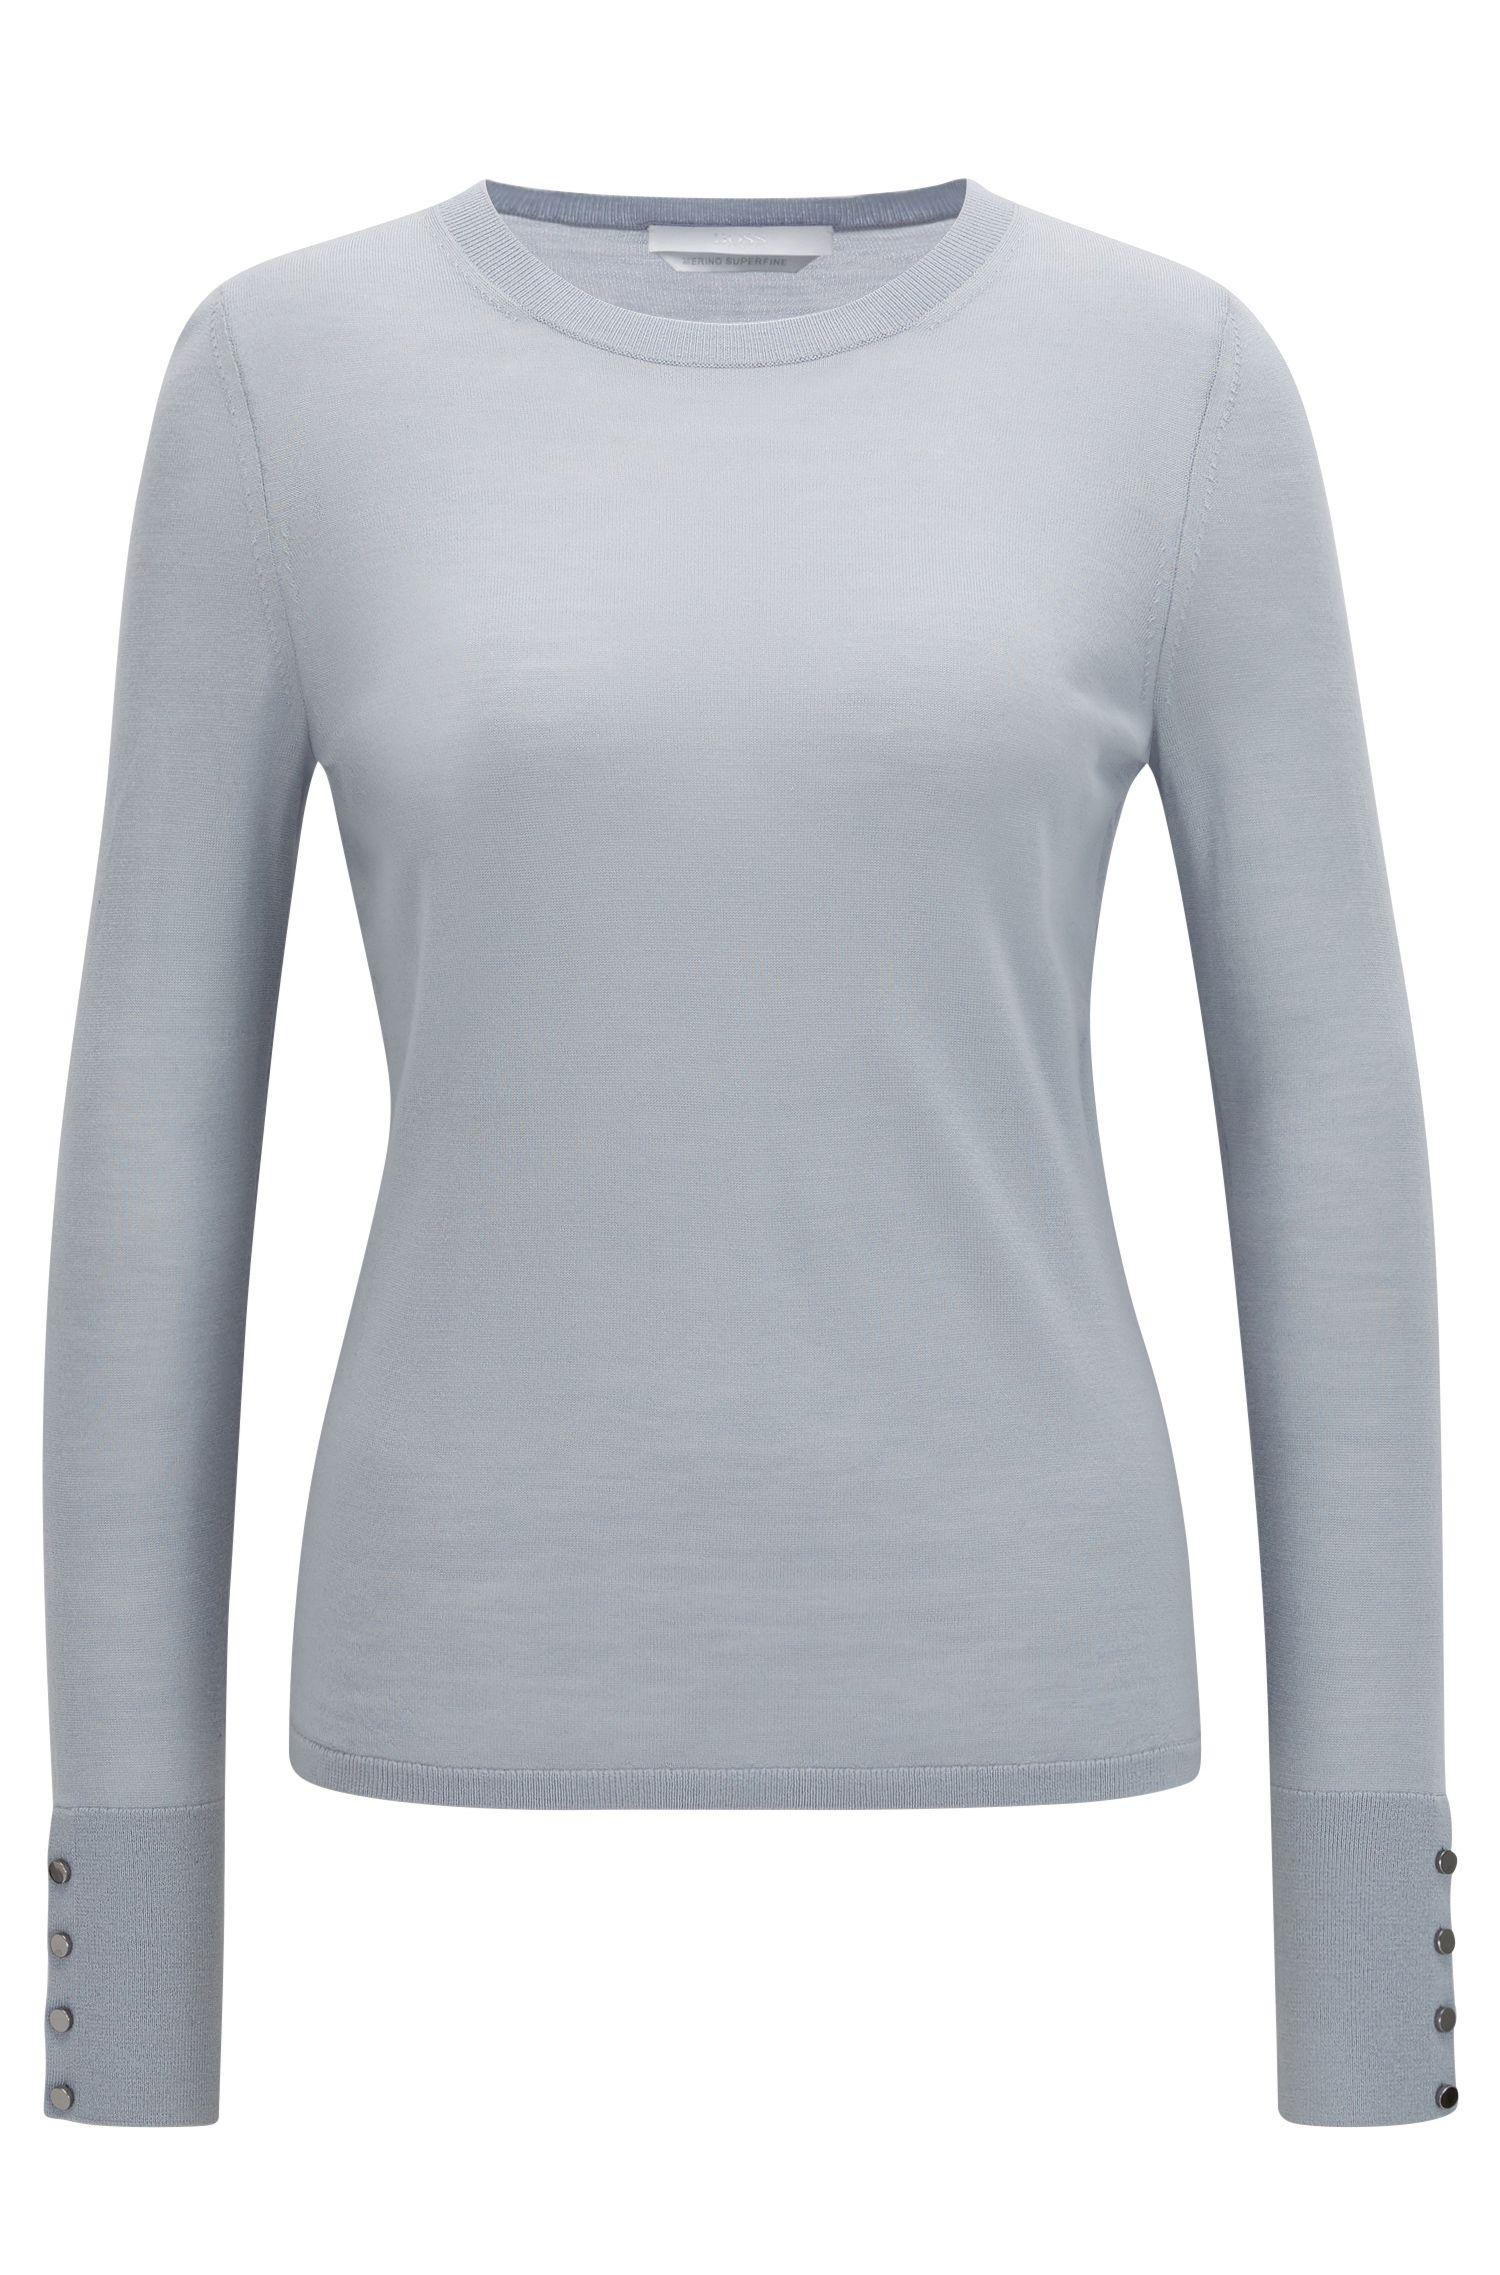 Pullover aus merzerisierter Schurwolle mit Rundhalsausschnitt